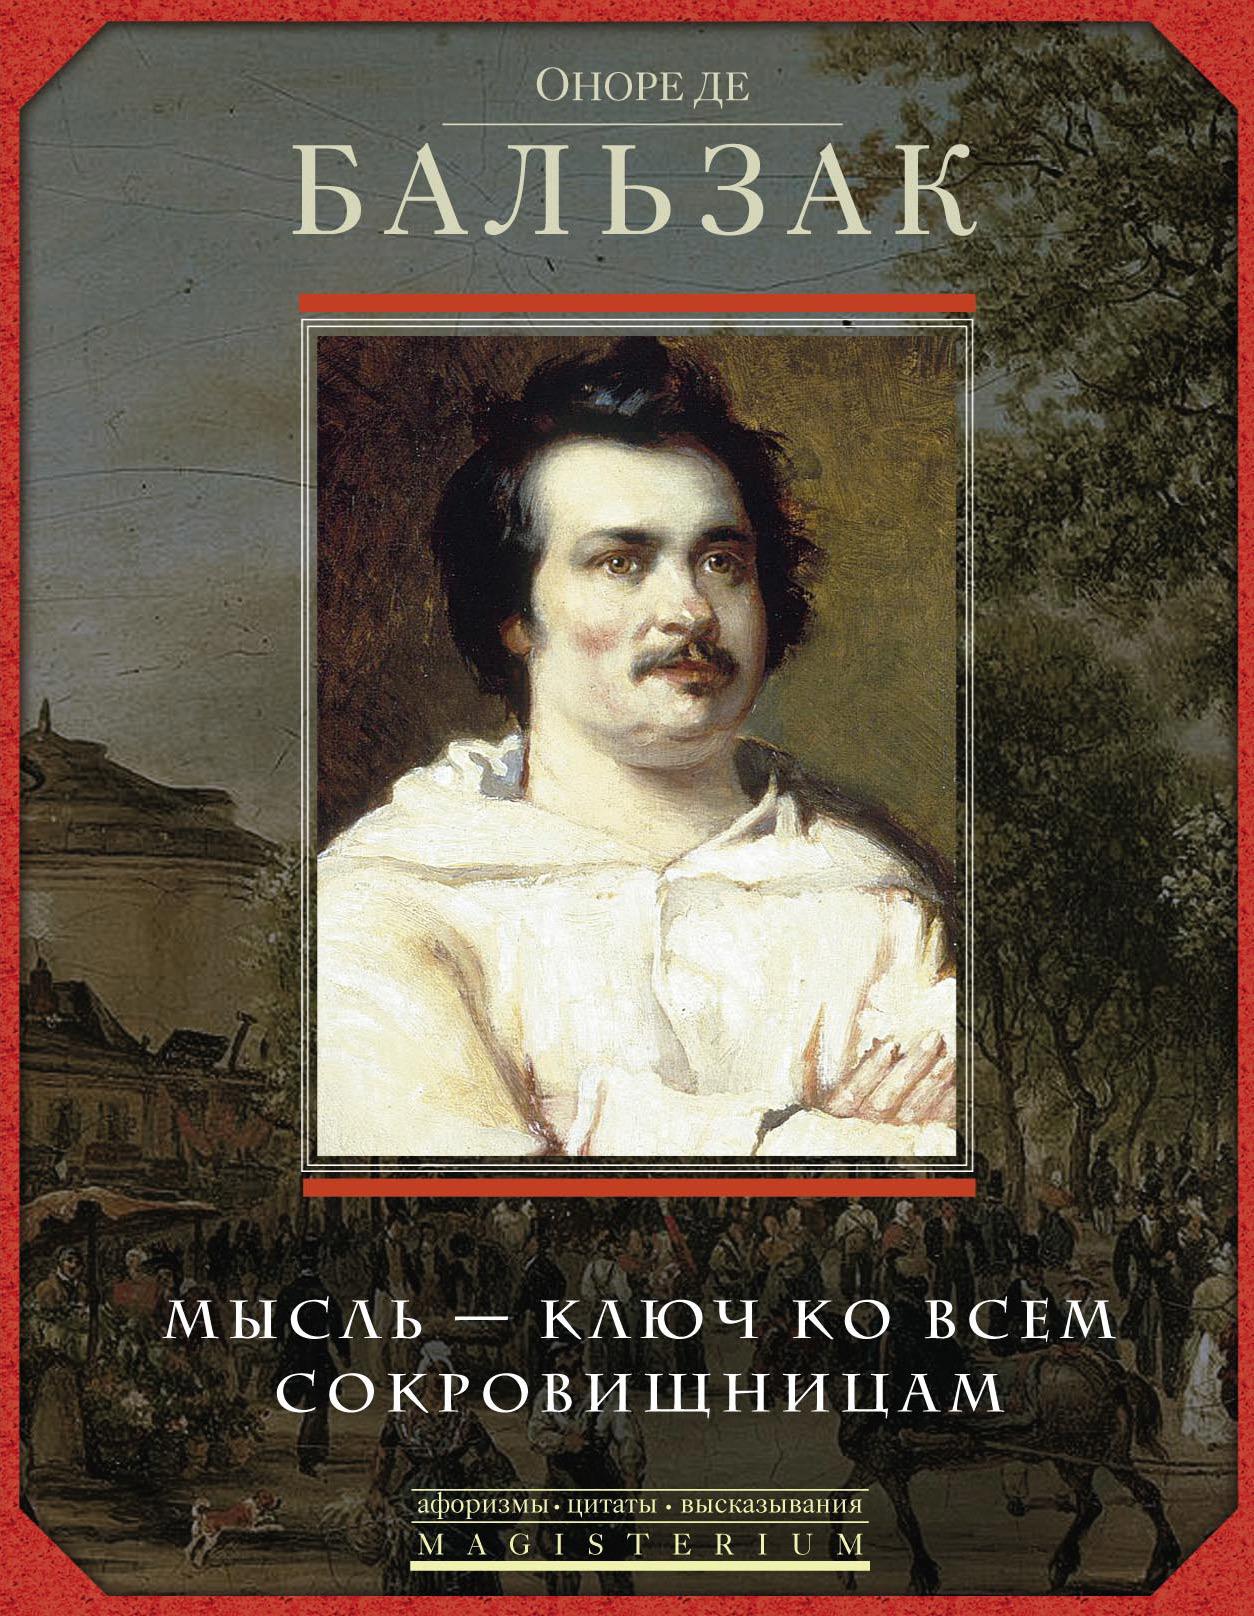 Отсутствует. Оноре де Бальзак. Мысль – ключ ко всем сокровищницам